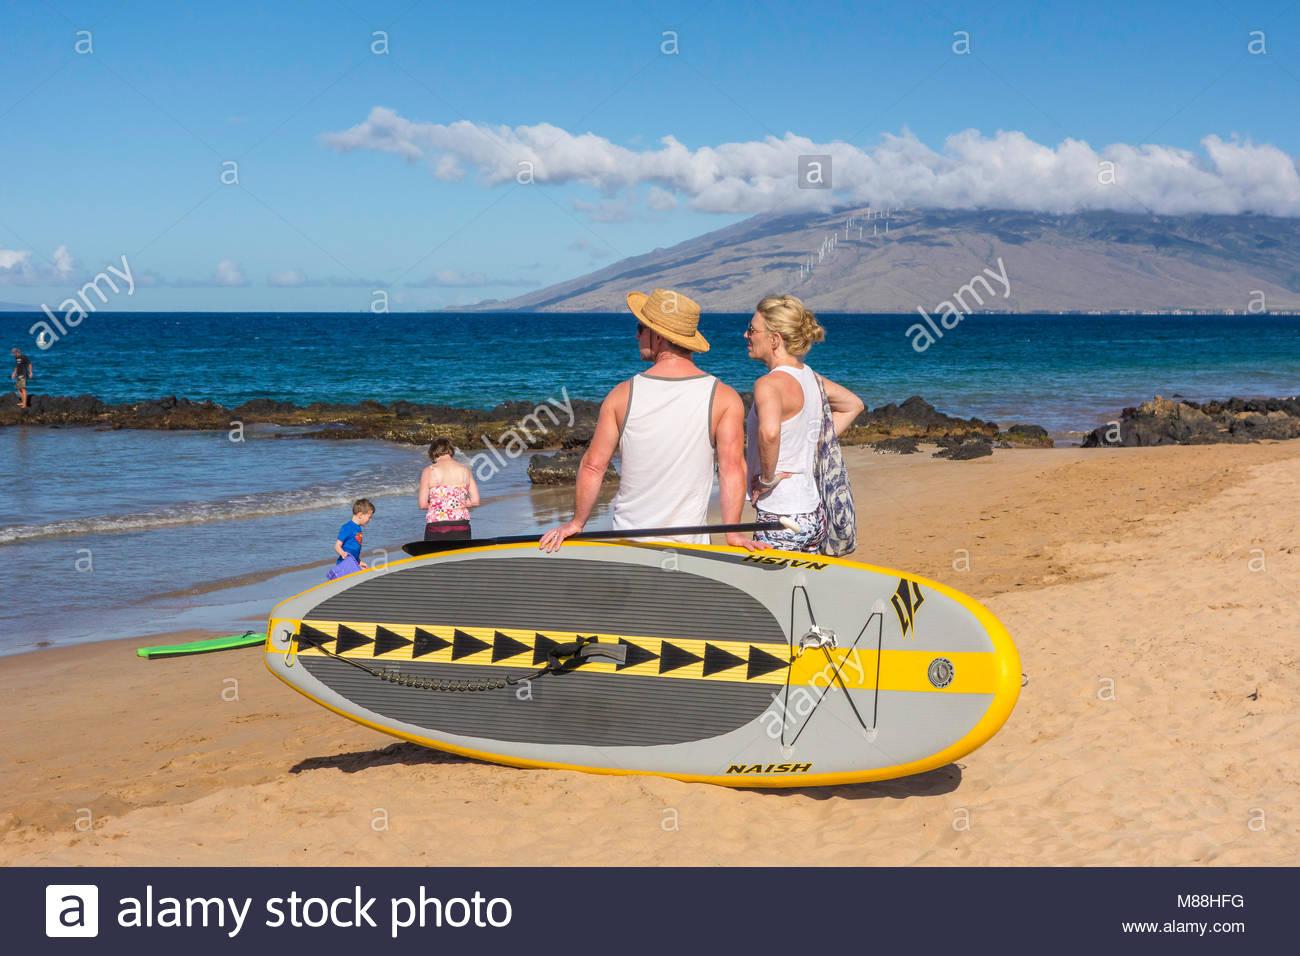 Hawaii Paddleboard Stock Photos Amp Hawaii Paddleboard Stock